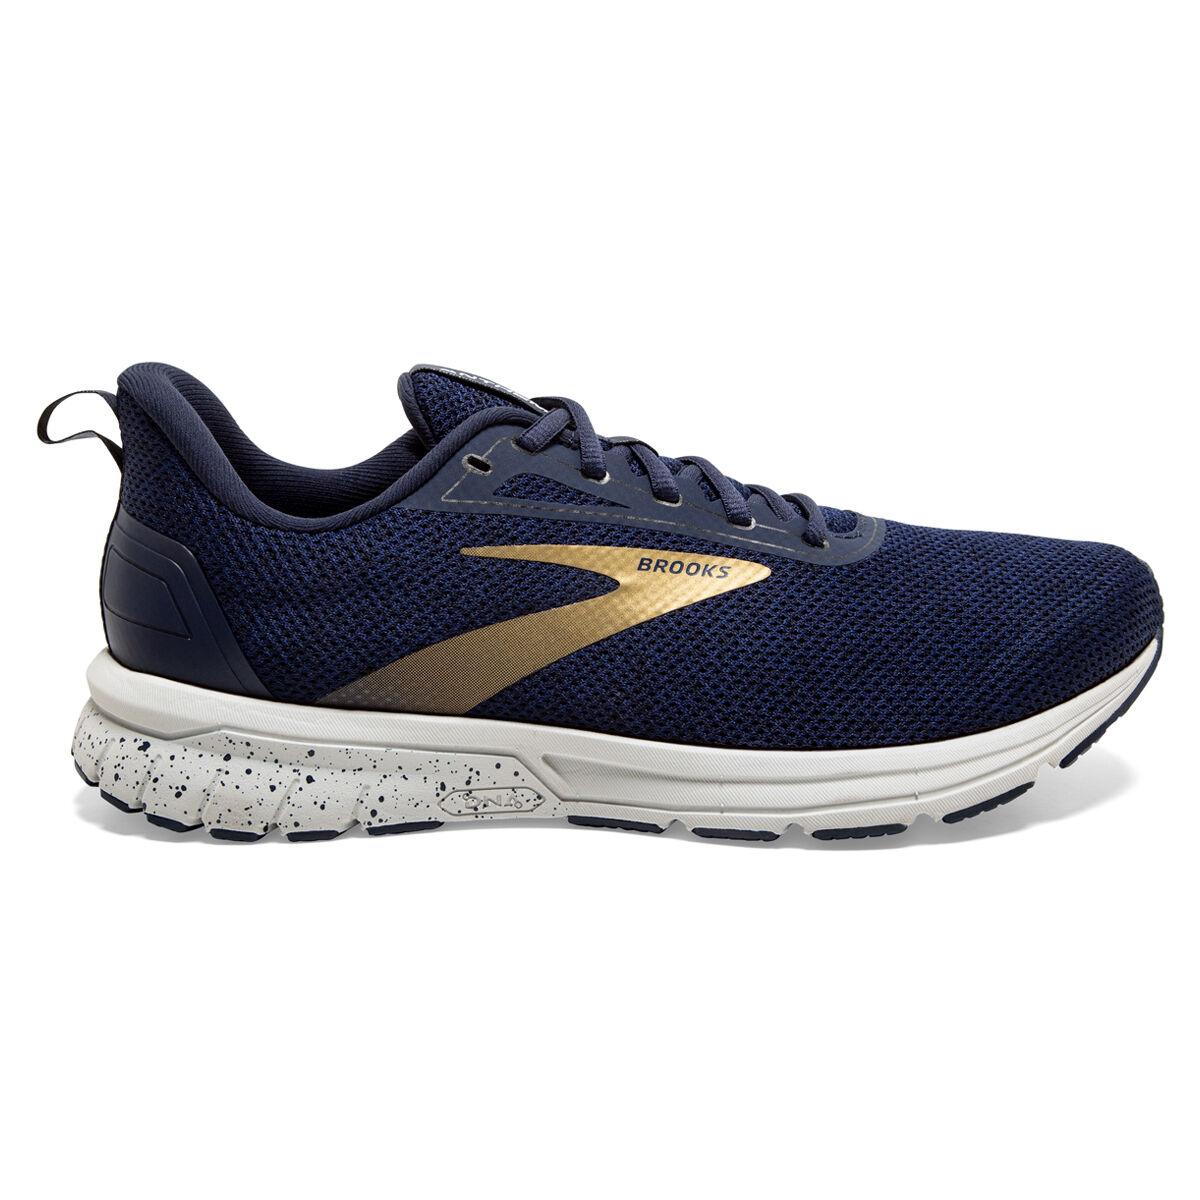 brooks shoes sale mens